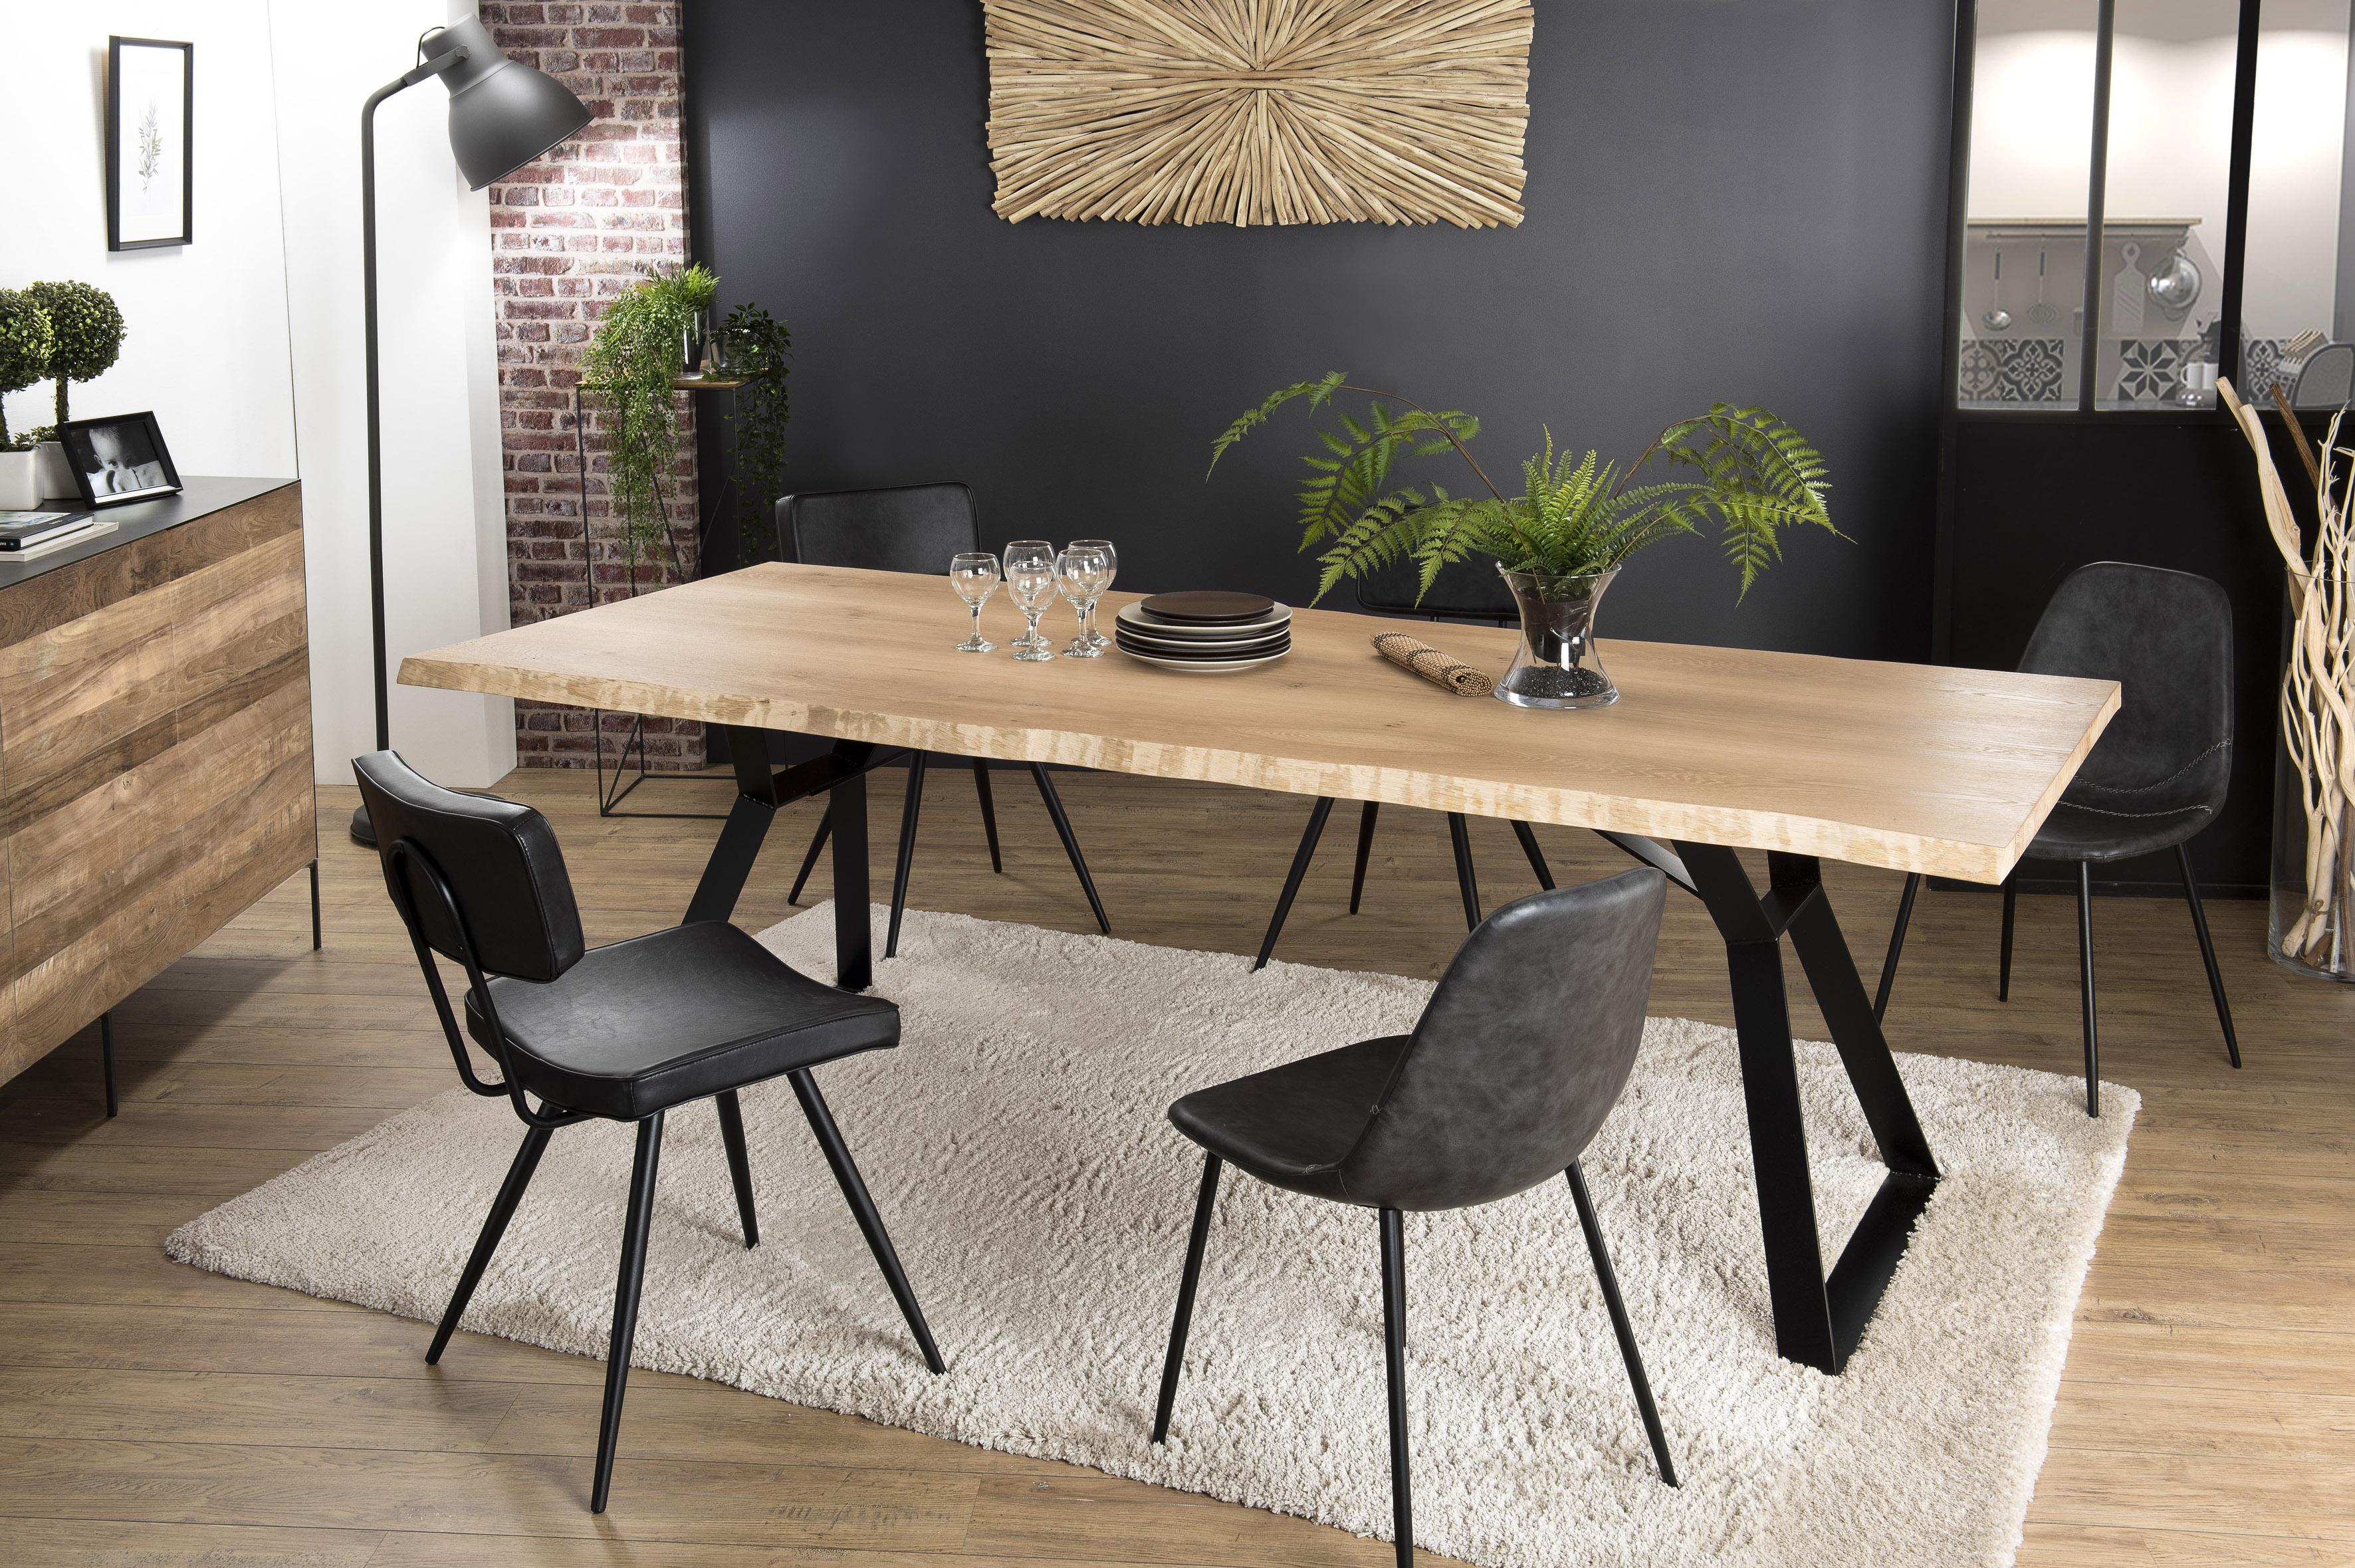 table a manger contemporaine chene acier 230x100 panama